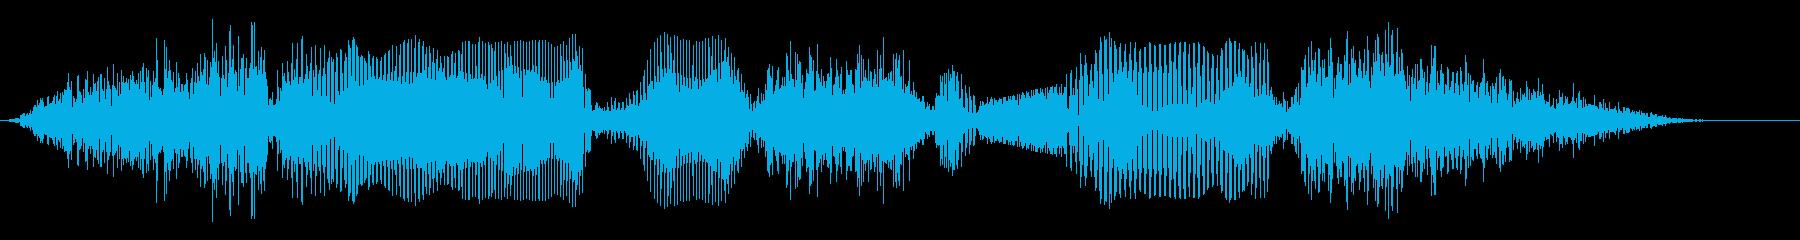 セーブしますの再生済みの波形